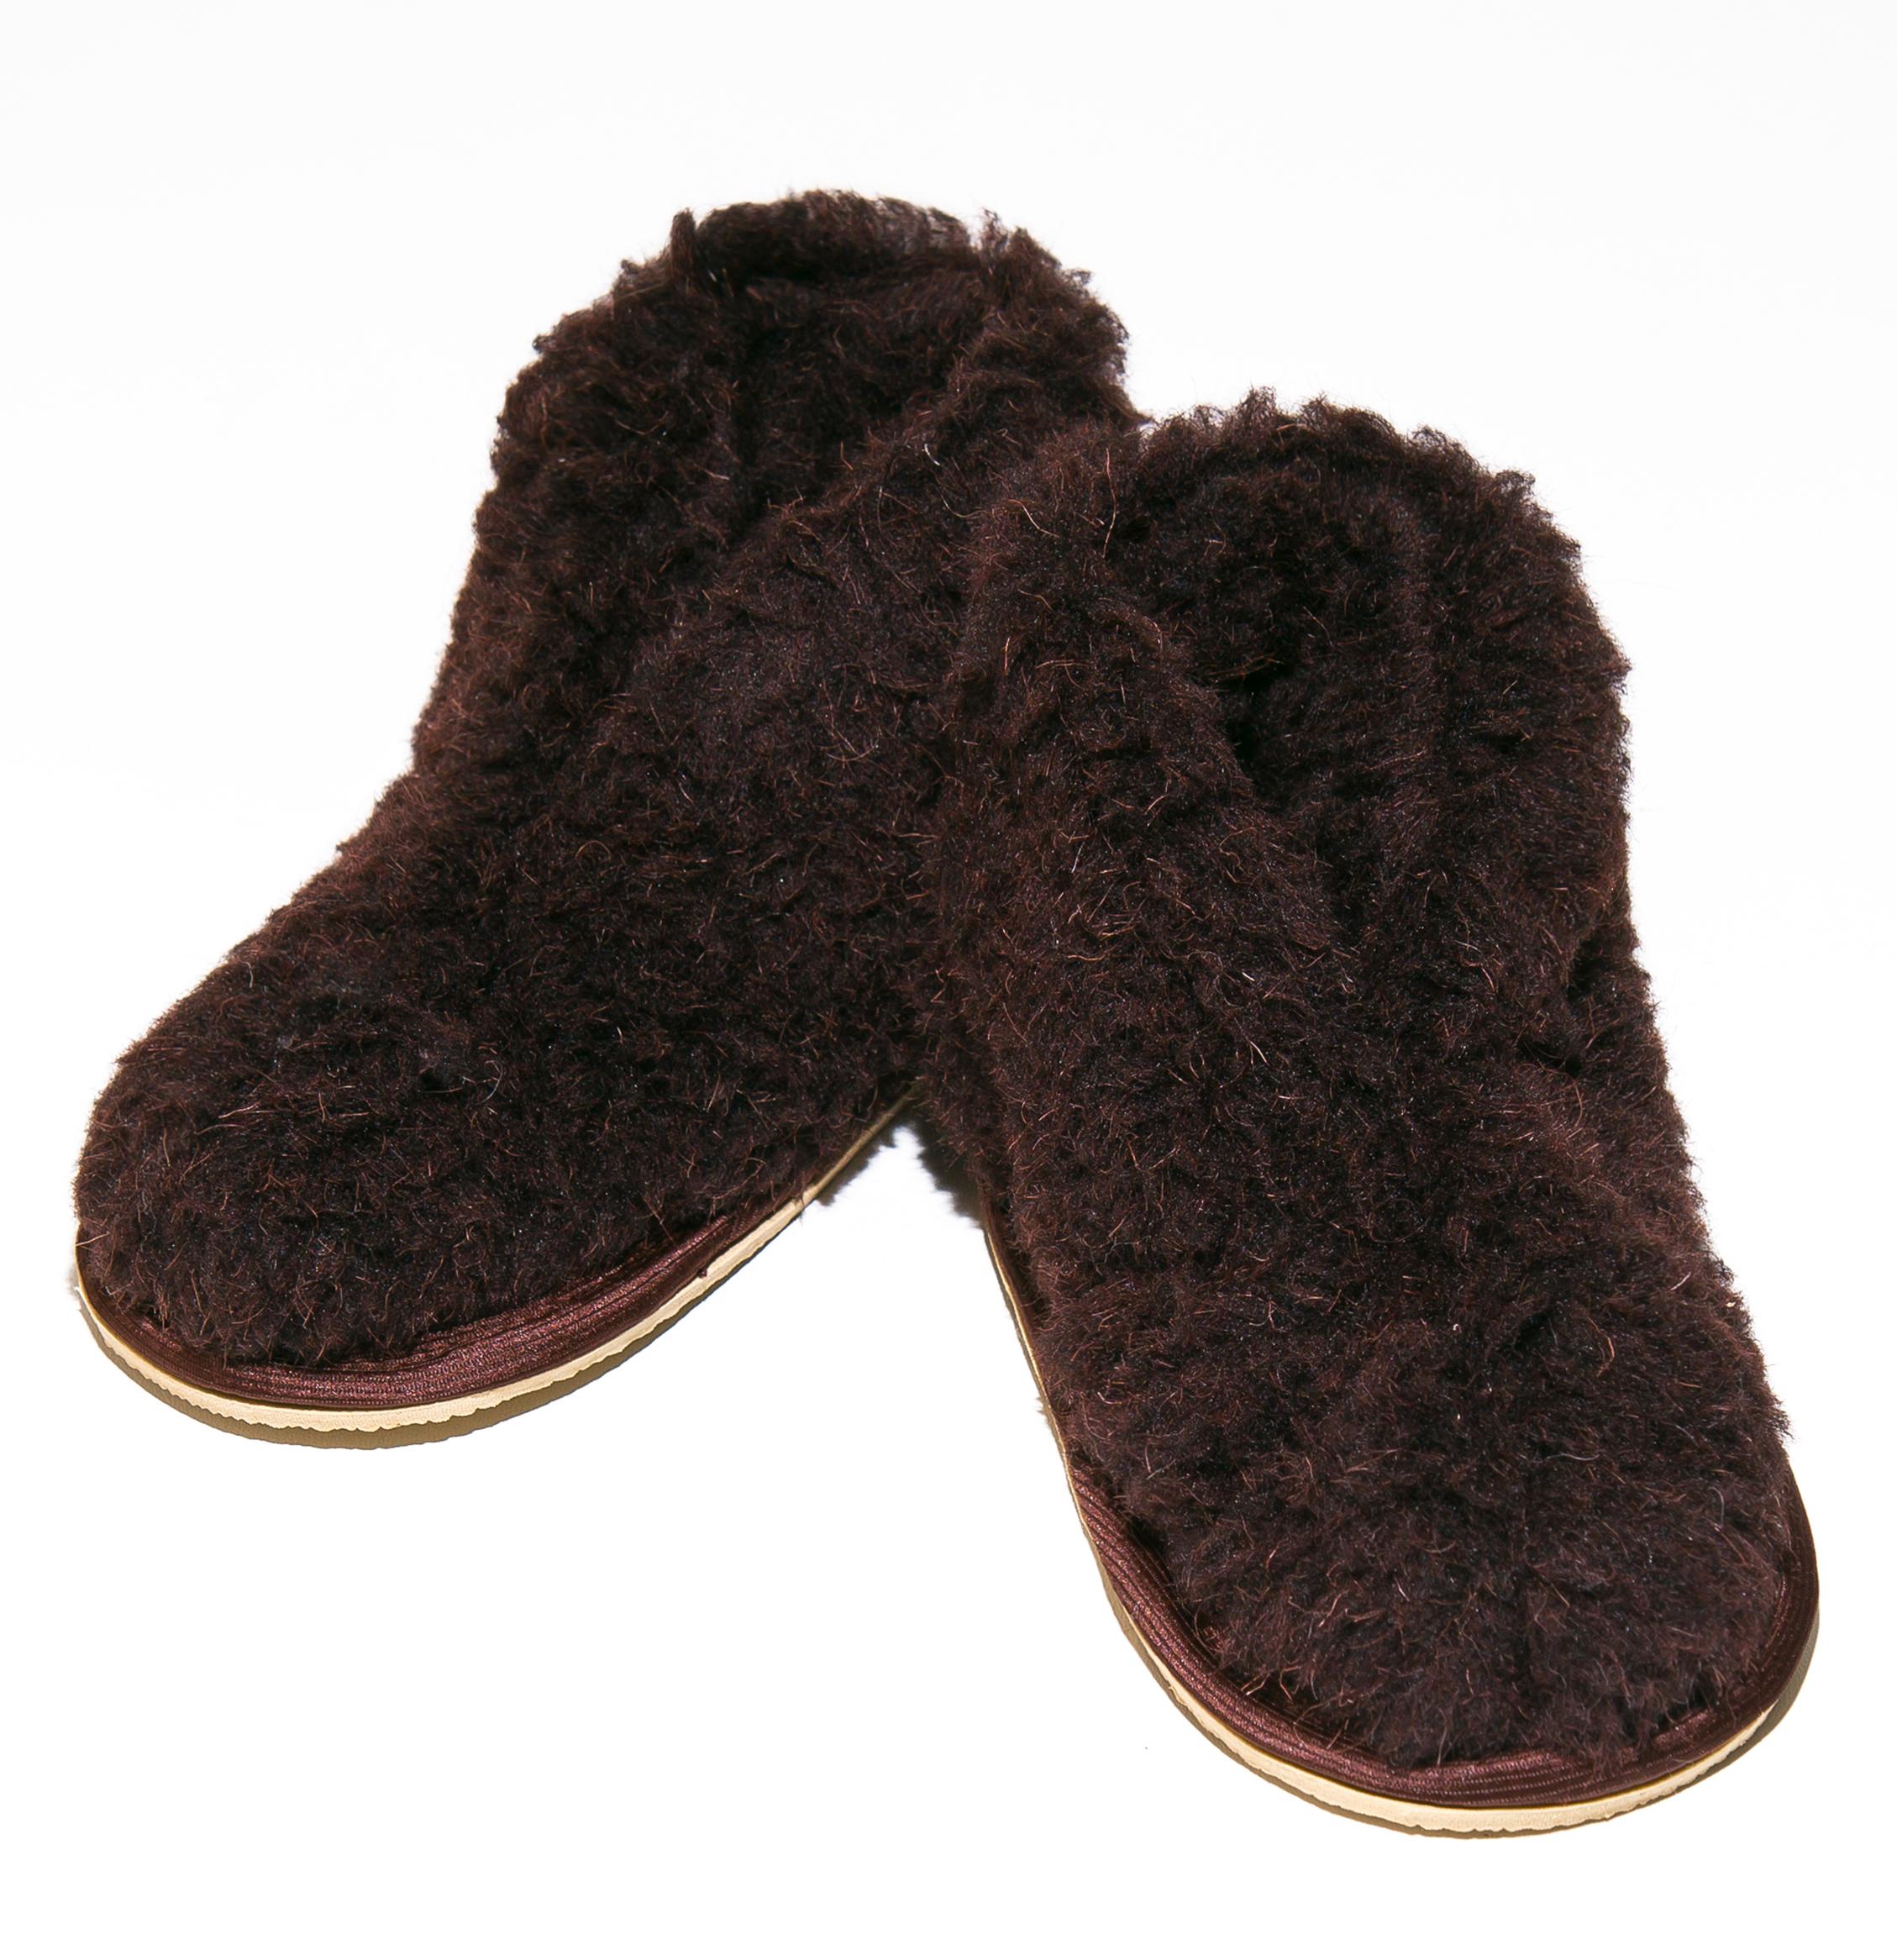 Домашние тапочки мужские Smart-Textile Бабуши коричневые 42-43 RU фото